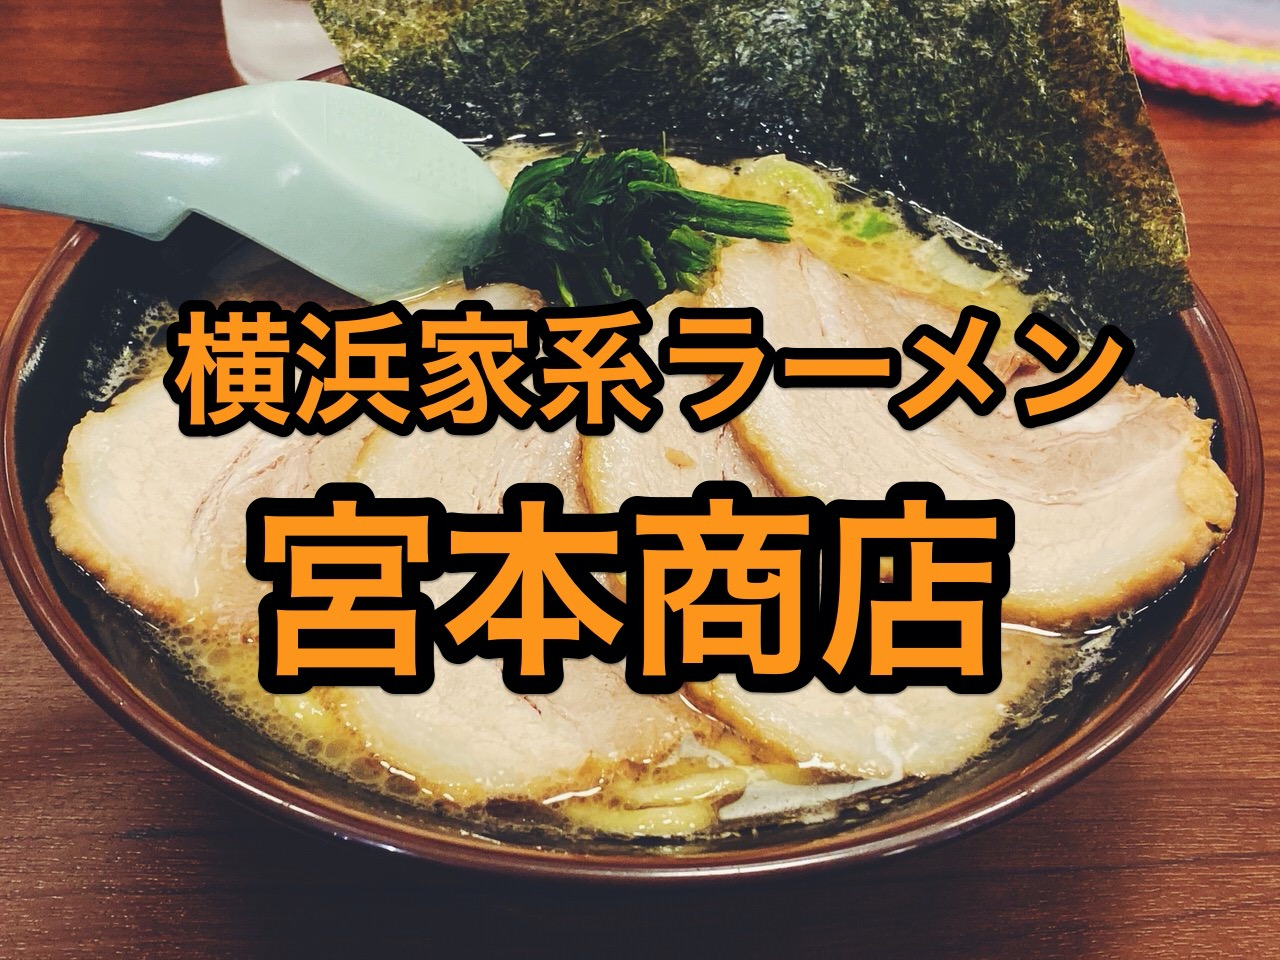 玉ねぎ入れ放題が嬉しい「横浜家系ラーメン 宮本商店」(川口)